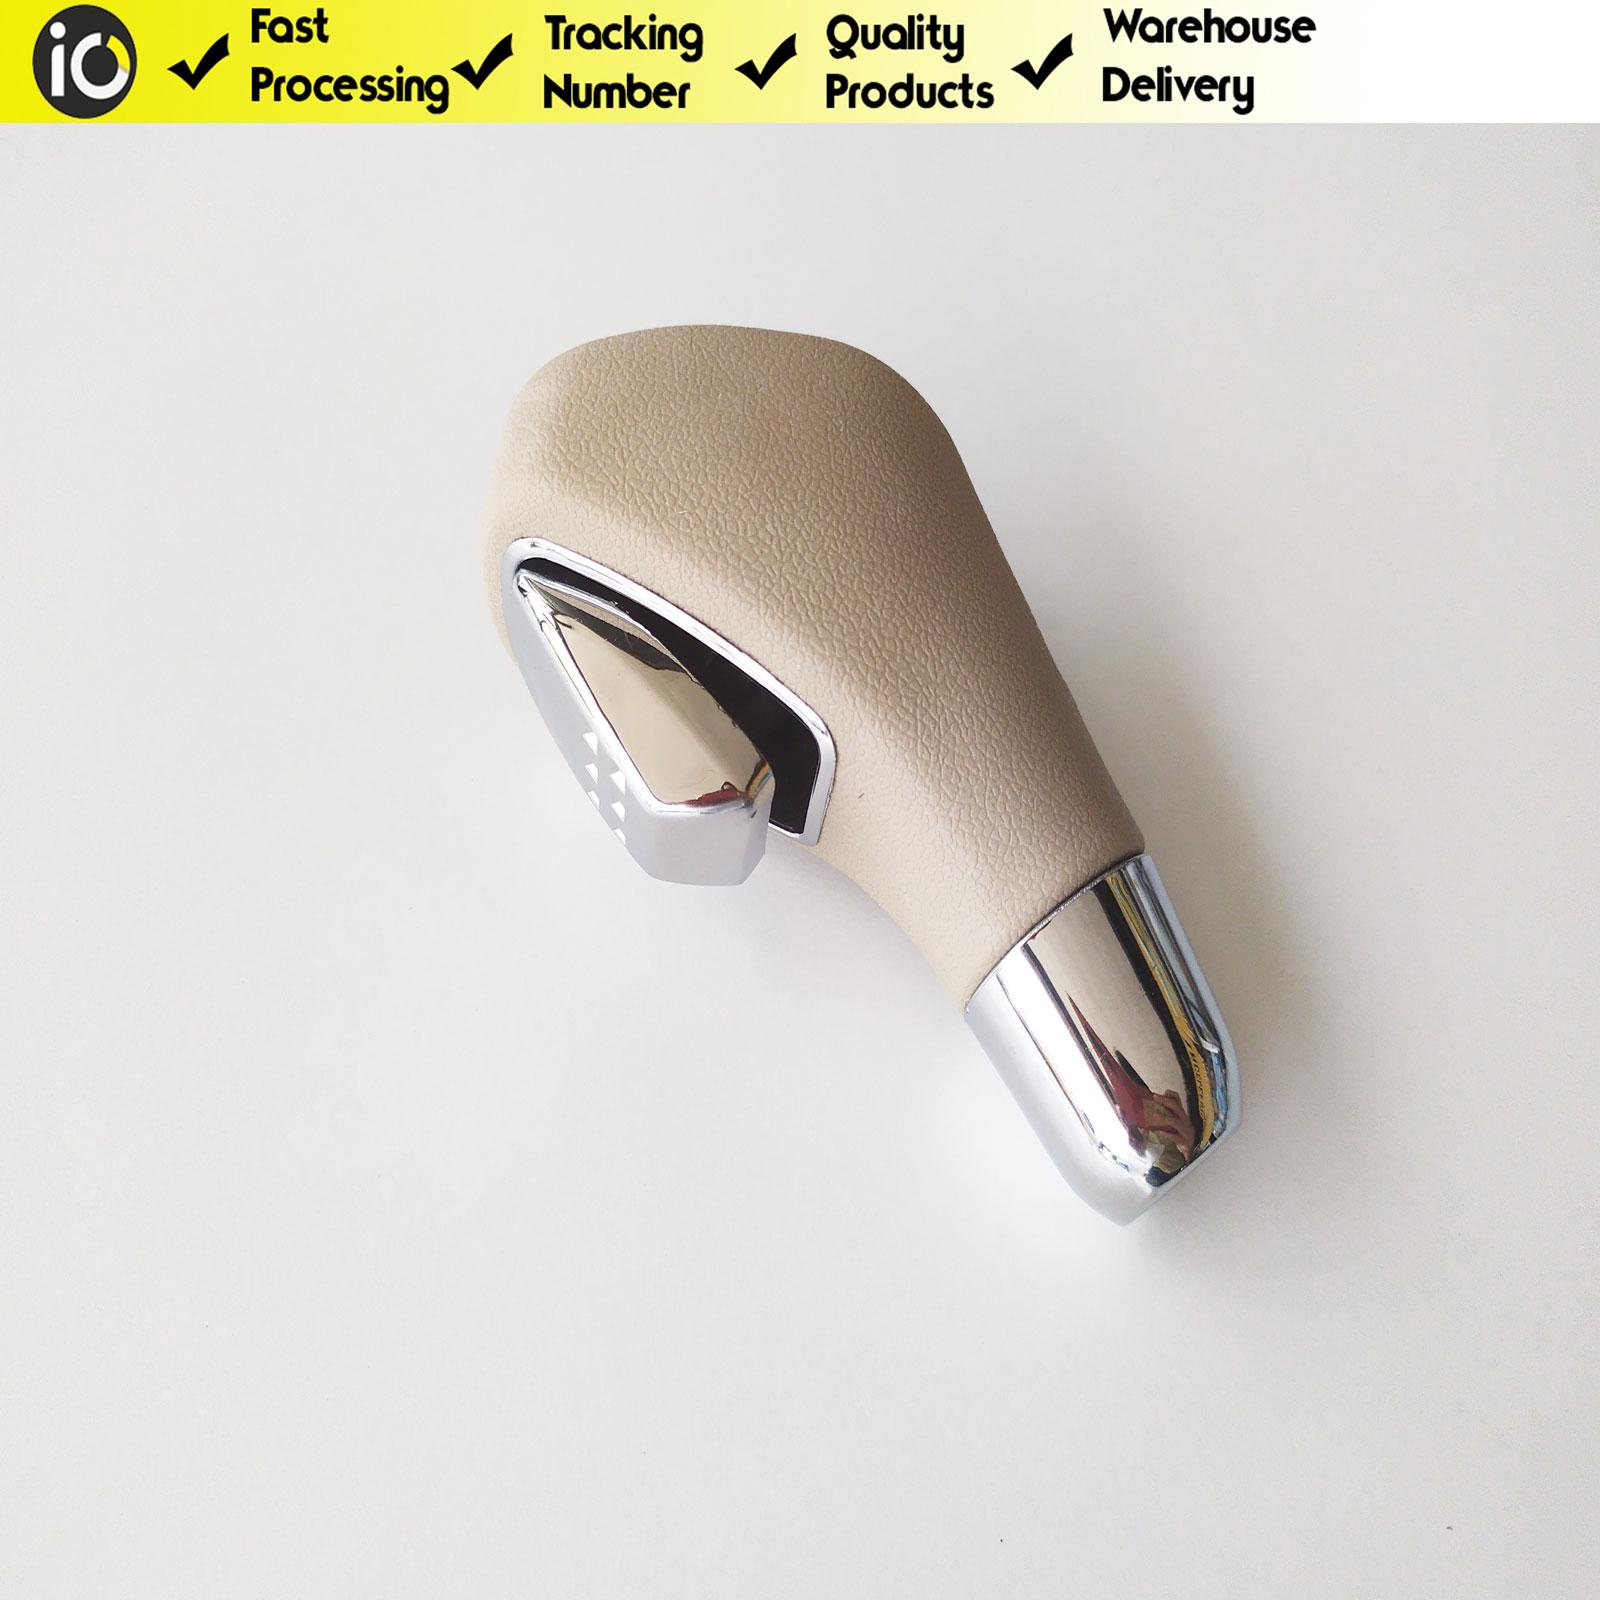 6 Скорость автоматический Шестерни рукоятка рычага переключения передач для Fluence Megane 3 бежевый 8200574279 Сумки из натуральной кожи